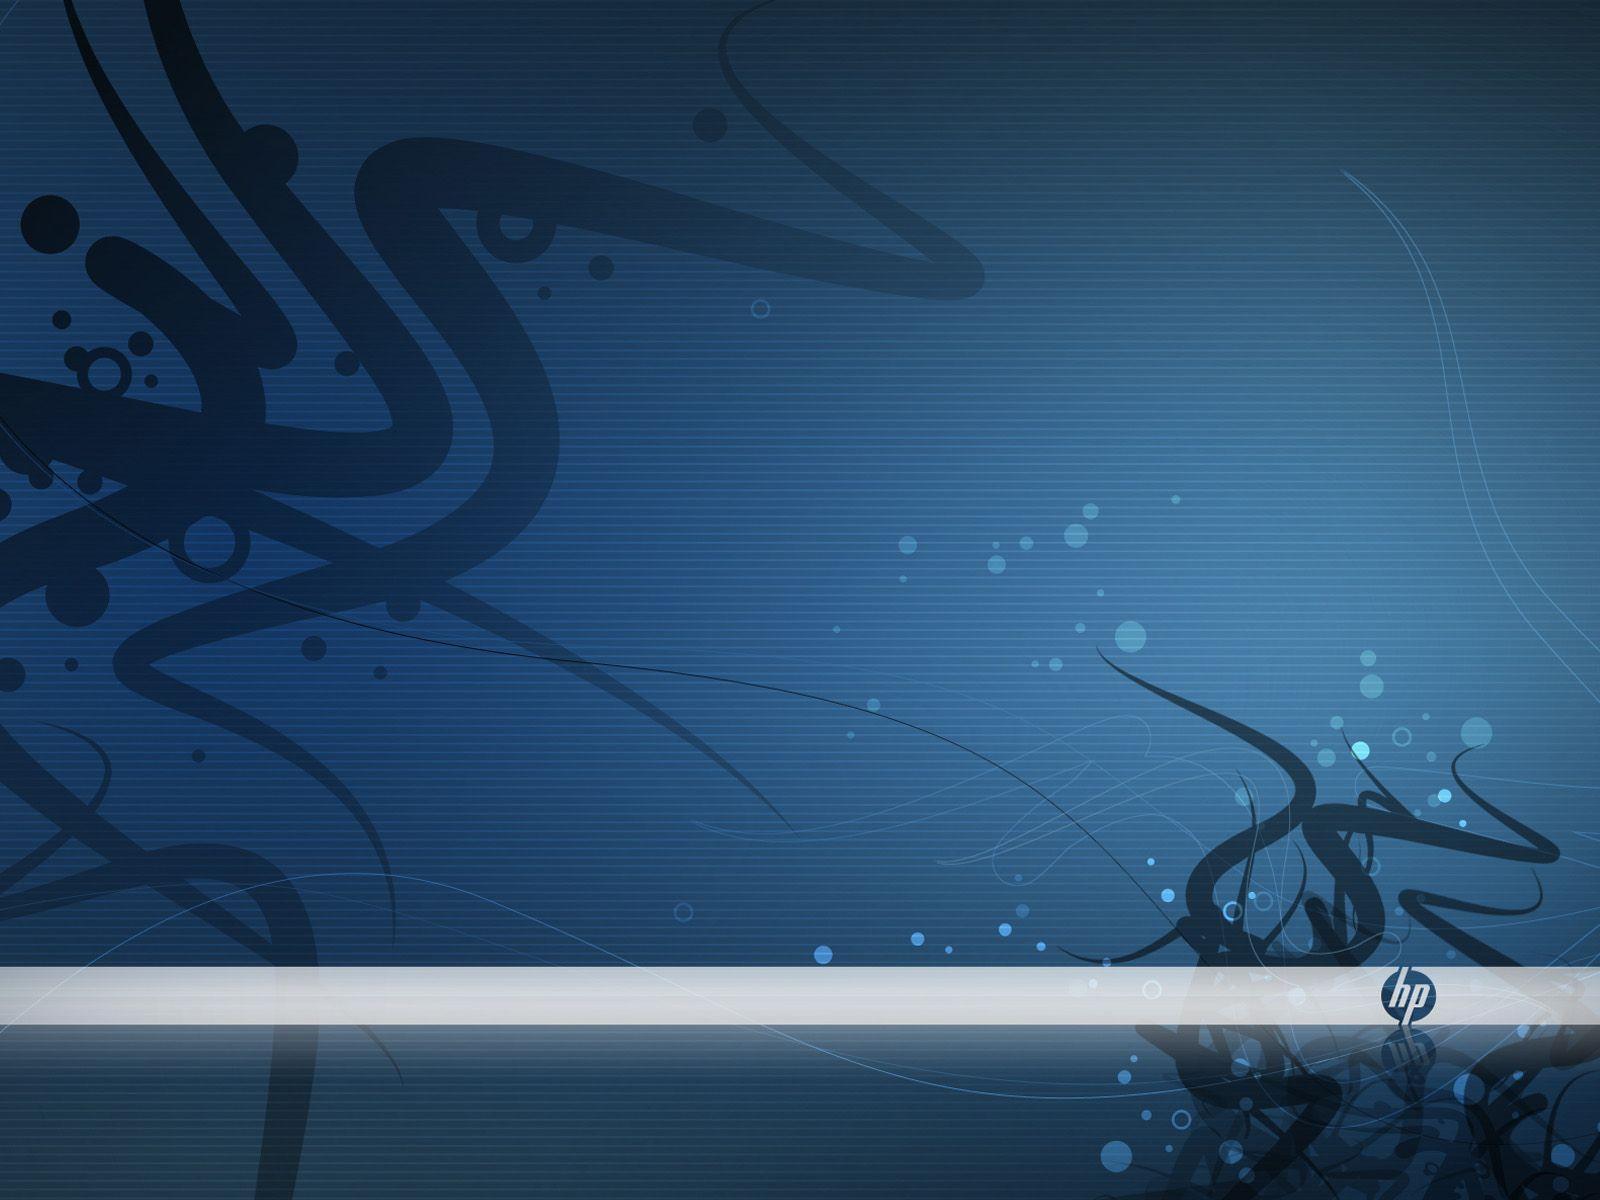 Logo Wallpaper hp | Logo Wallpaper